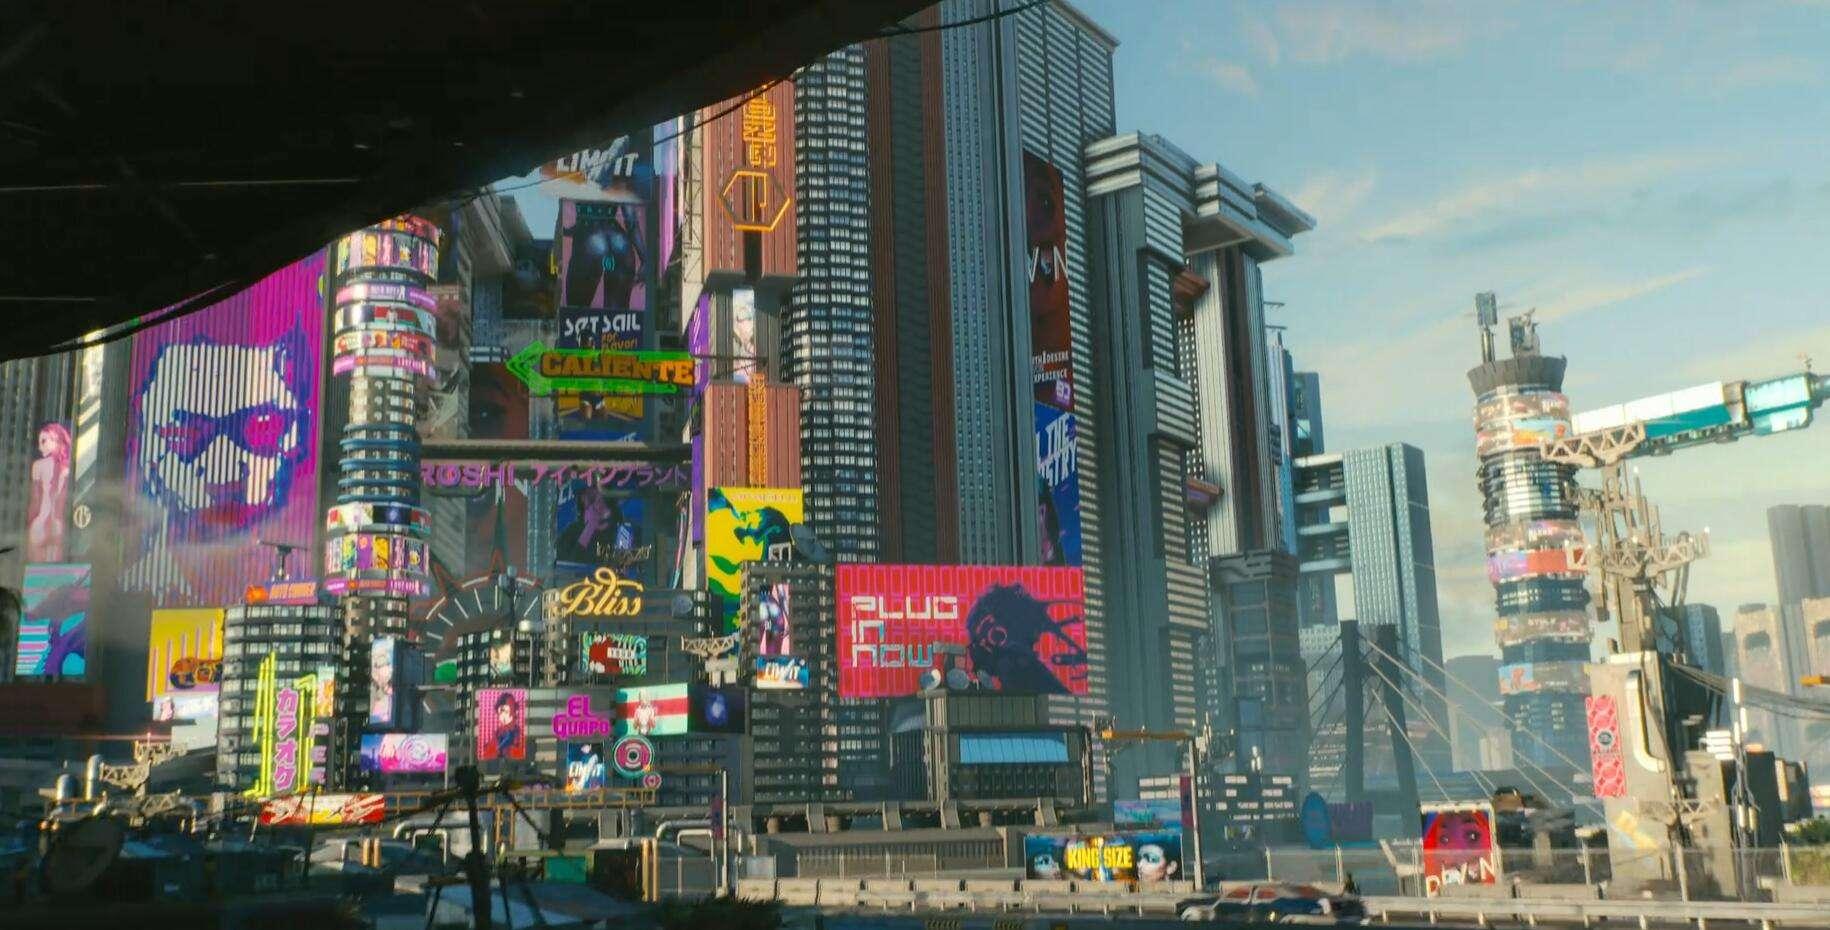 《赛博朋克2077》幕后创作视频 开发者解释低调原因